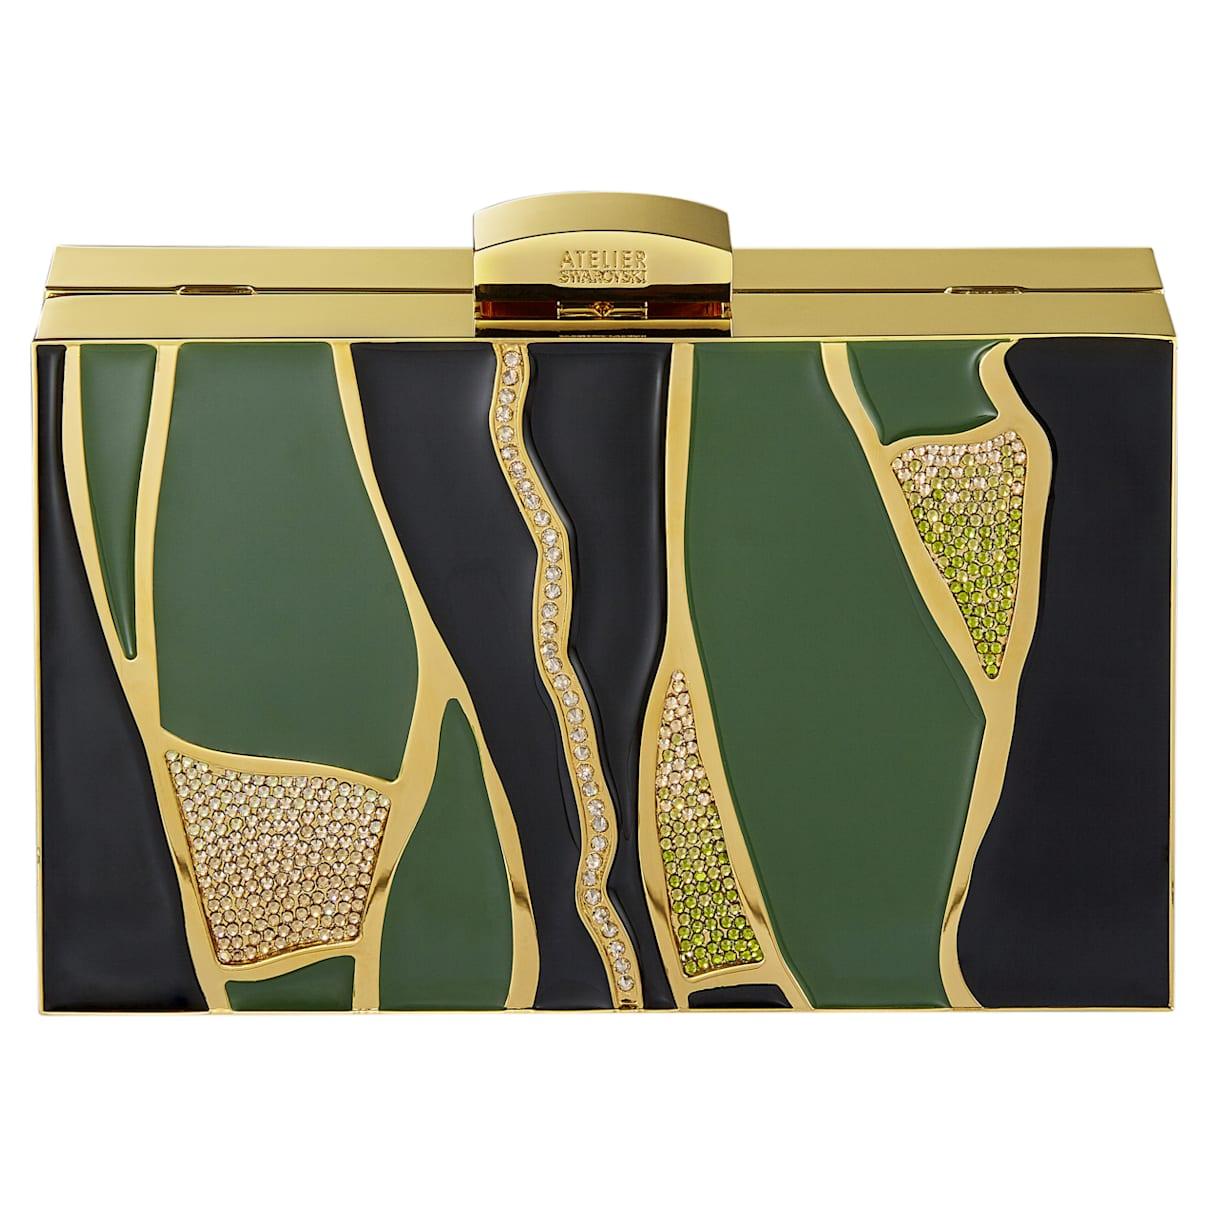 Borsetta Kintsugi, multicolore, placcato color oro